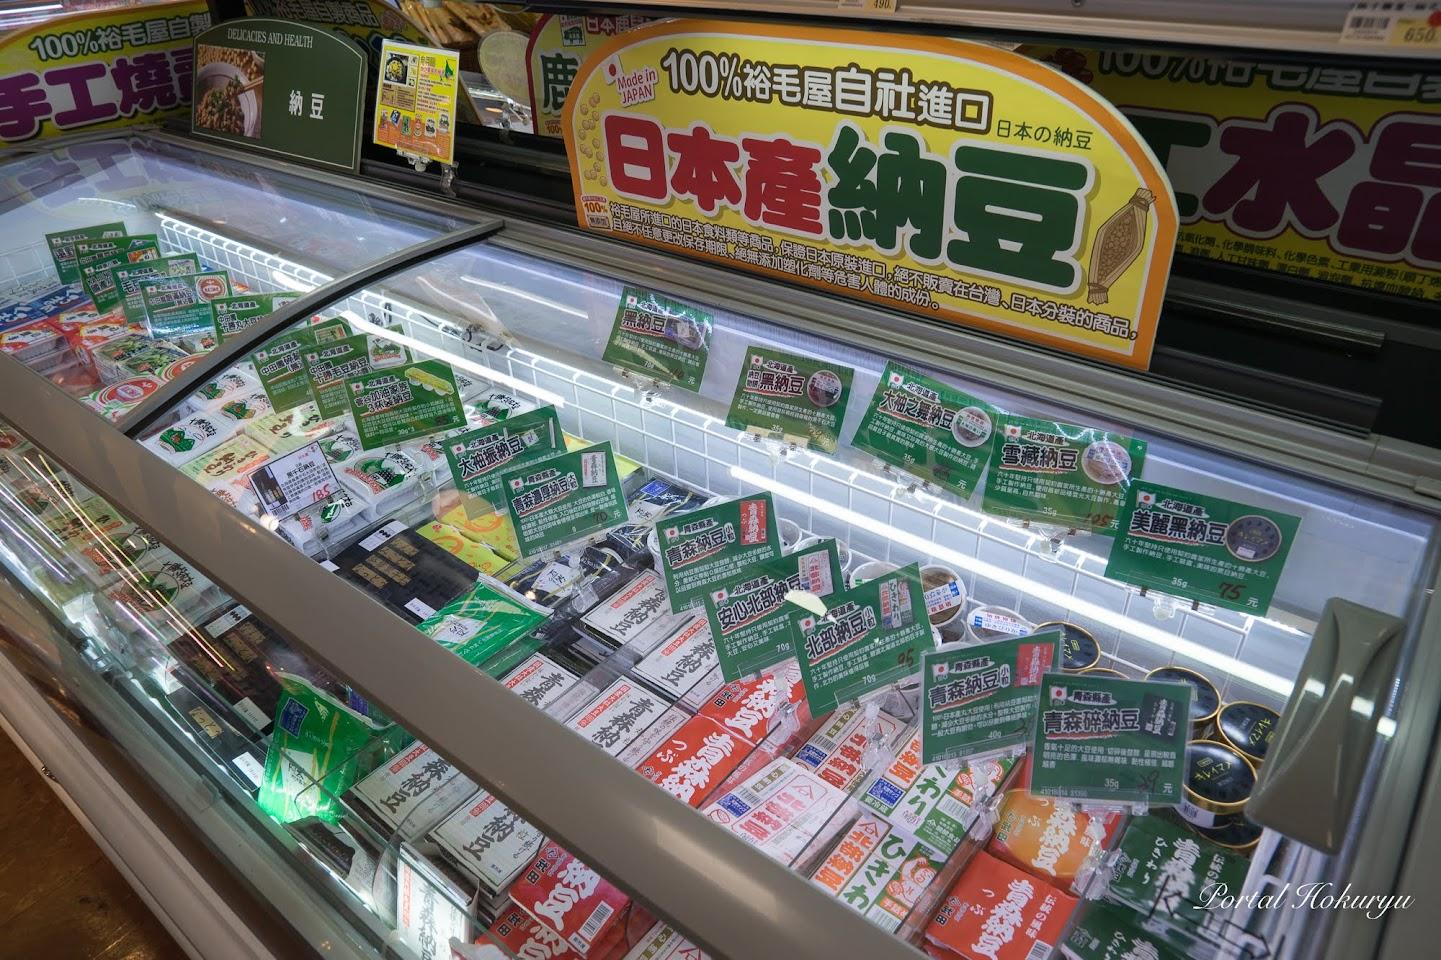 日本産納豆コーナー・発芽黒千石大豆なっとうも販売中